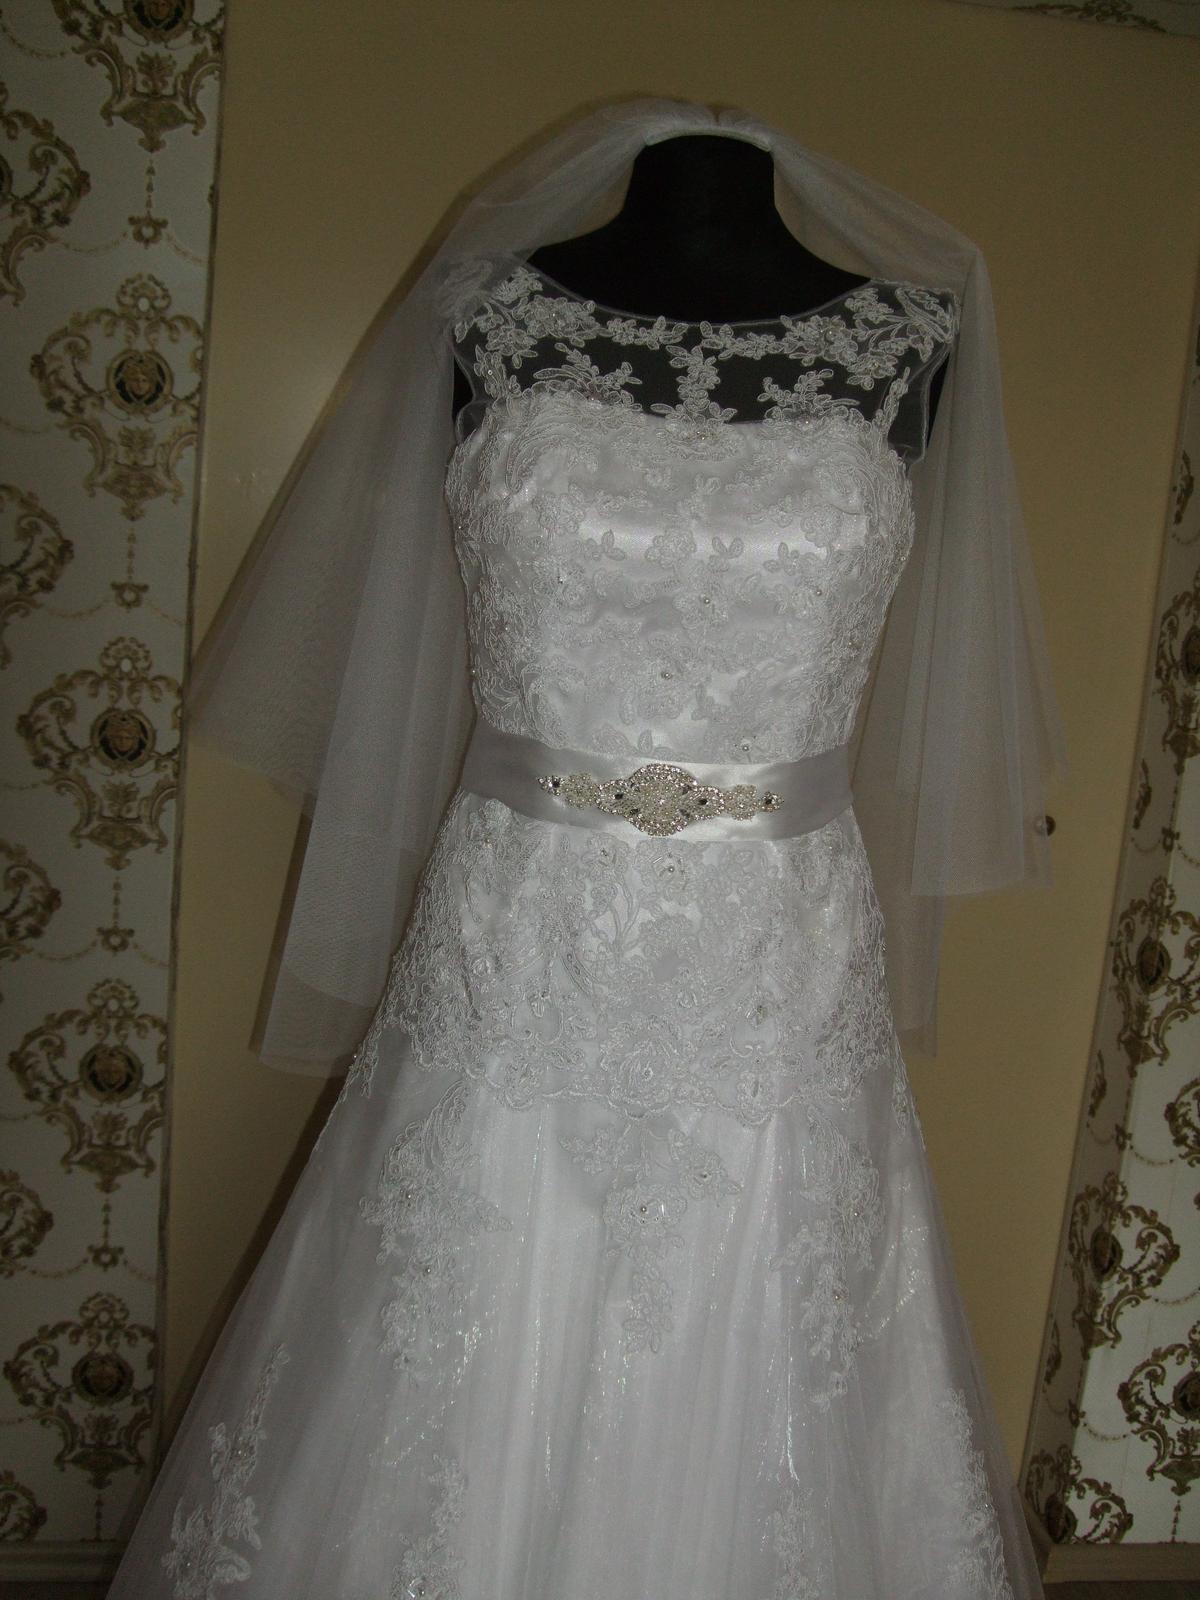 Biele svadobne saty - detailnejsi pohlad na vrchnu cast, na pase satenova stuha so strasovou ozdobou